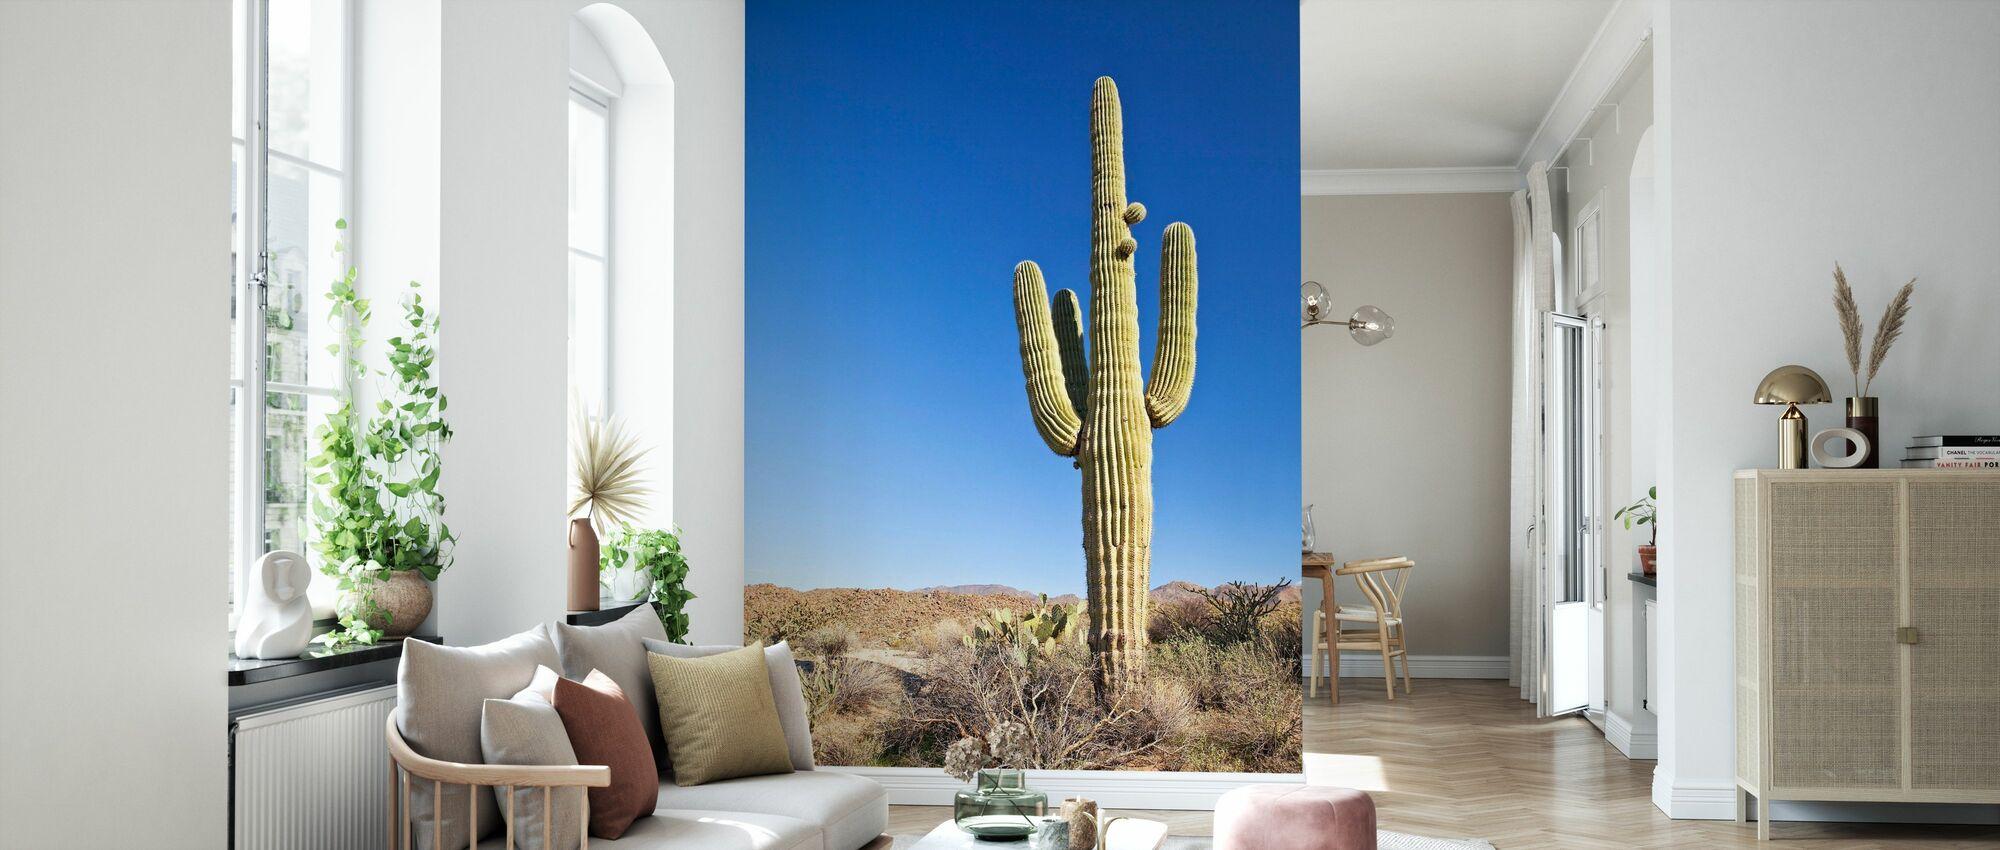 Saguaro Cactus in Desert - Wallpaper - Living Room